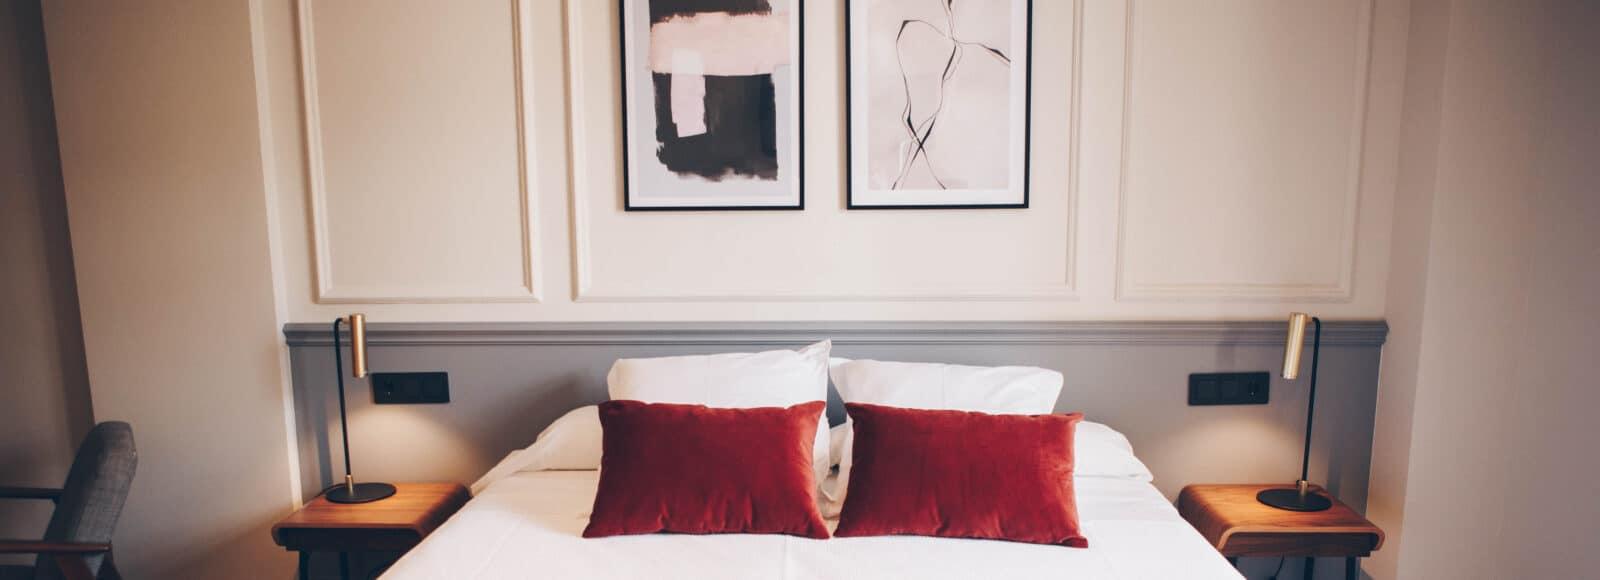 reserva-hotel-malaga